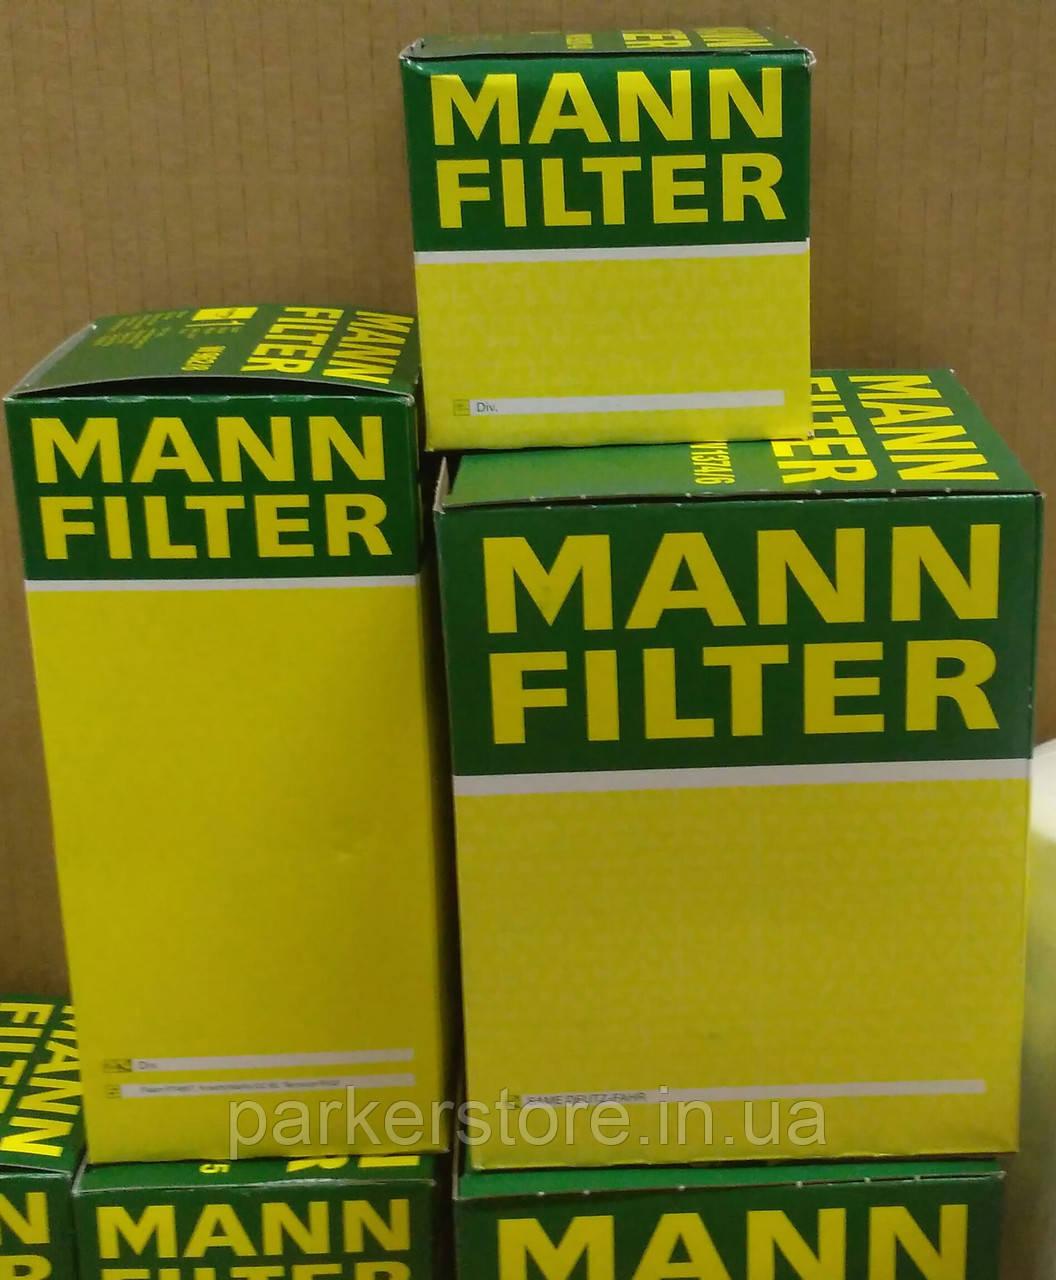 MANN FILTER / Воздушный фильтр / C 30 1359 / C301359